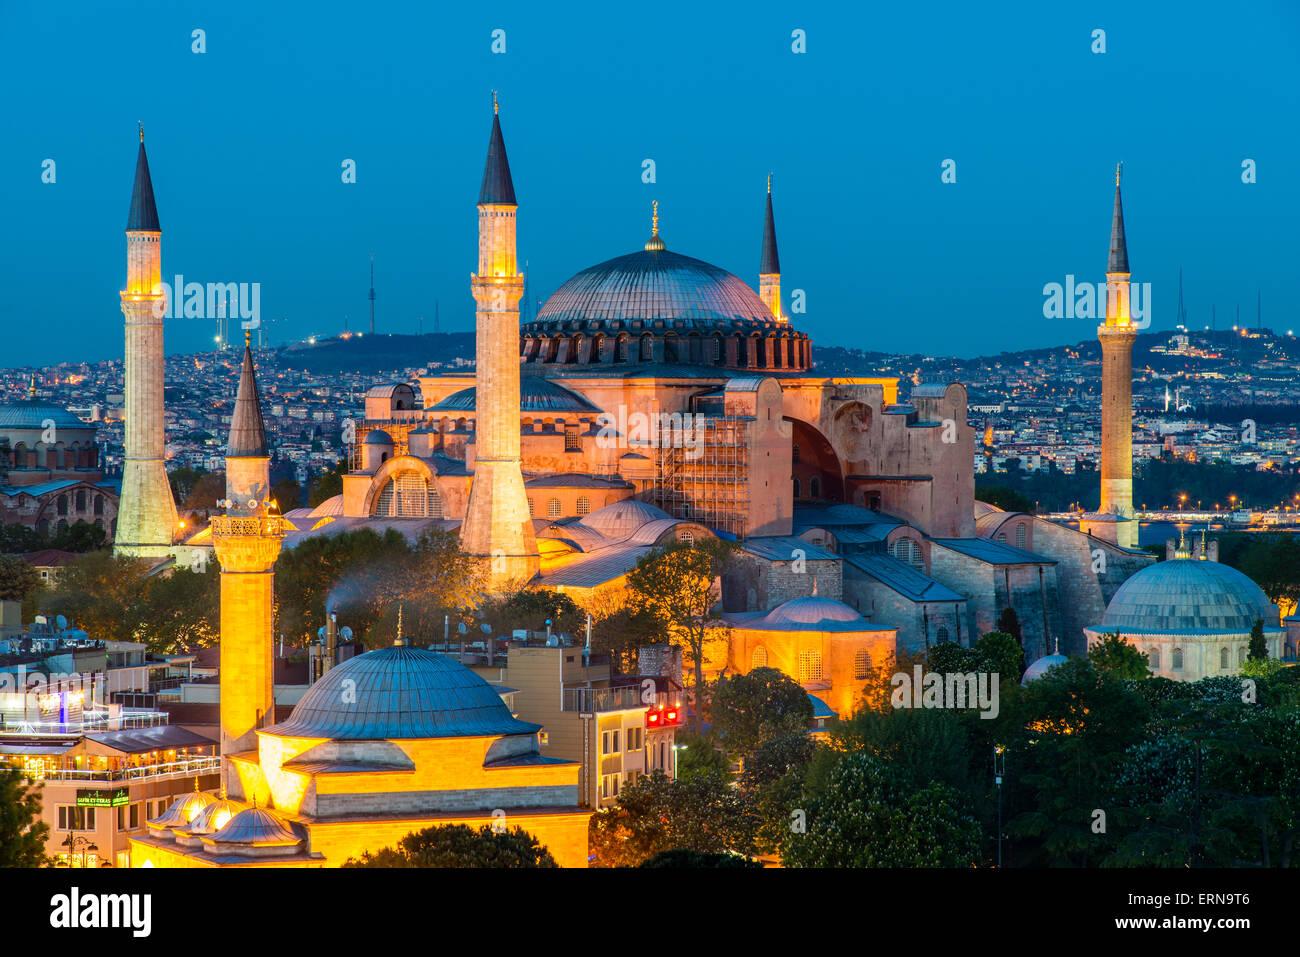 Notte Vista dall'alto su Hagia Sophia, Sultanahmet, Istanbul, Turchia Foto Stock